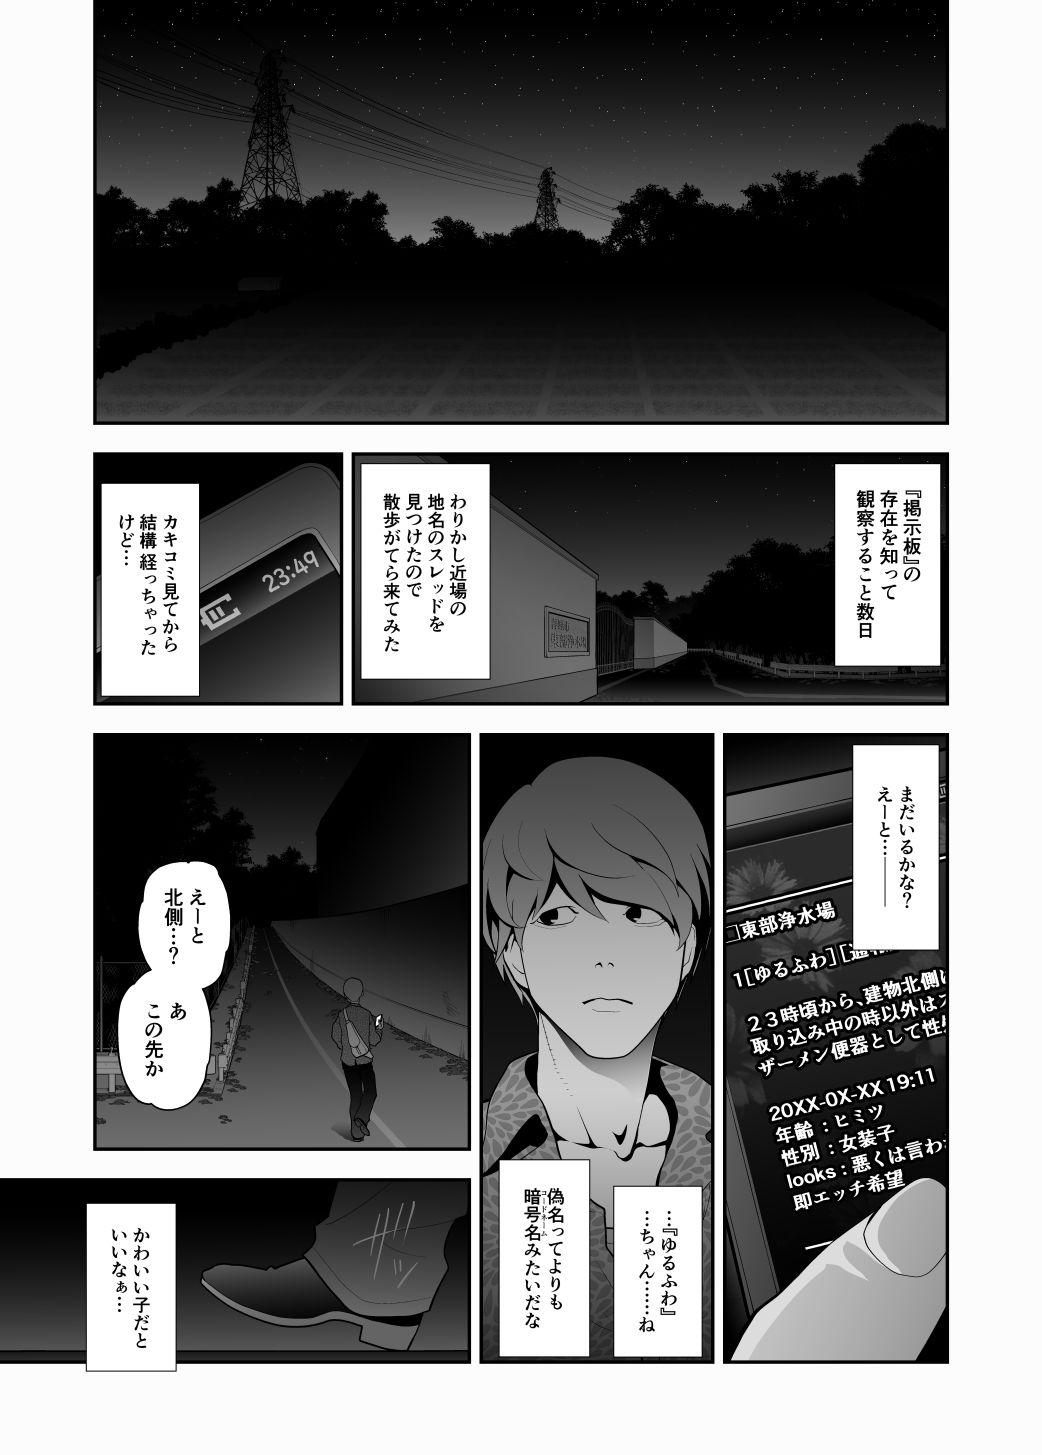 【兎二角 同人】女装子ハッテン系≪春原市東部浄水場篇≫